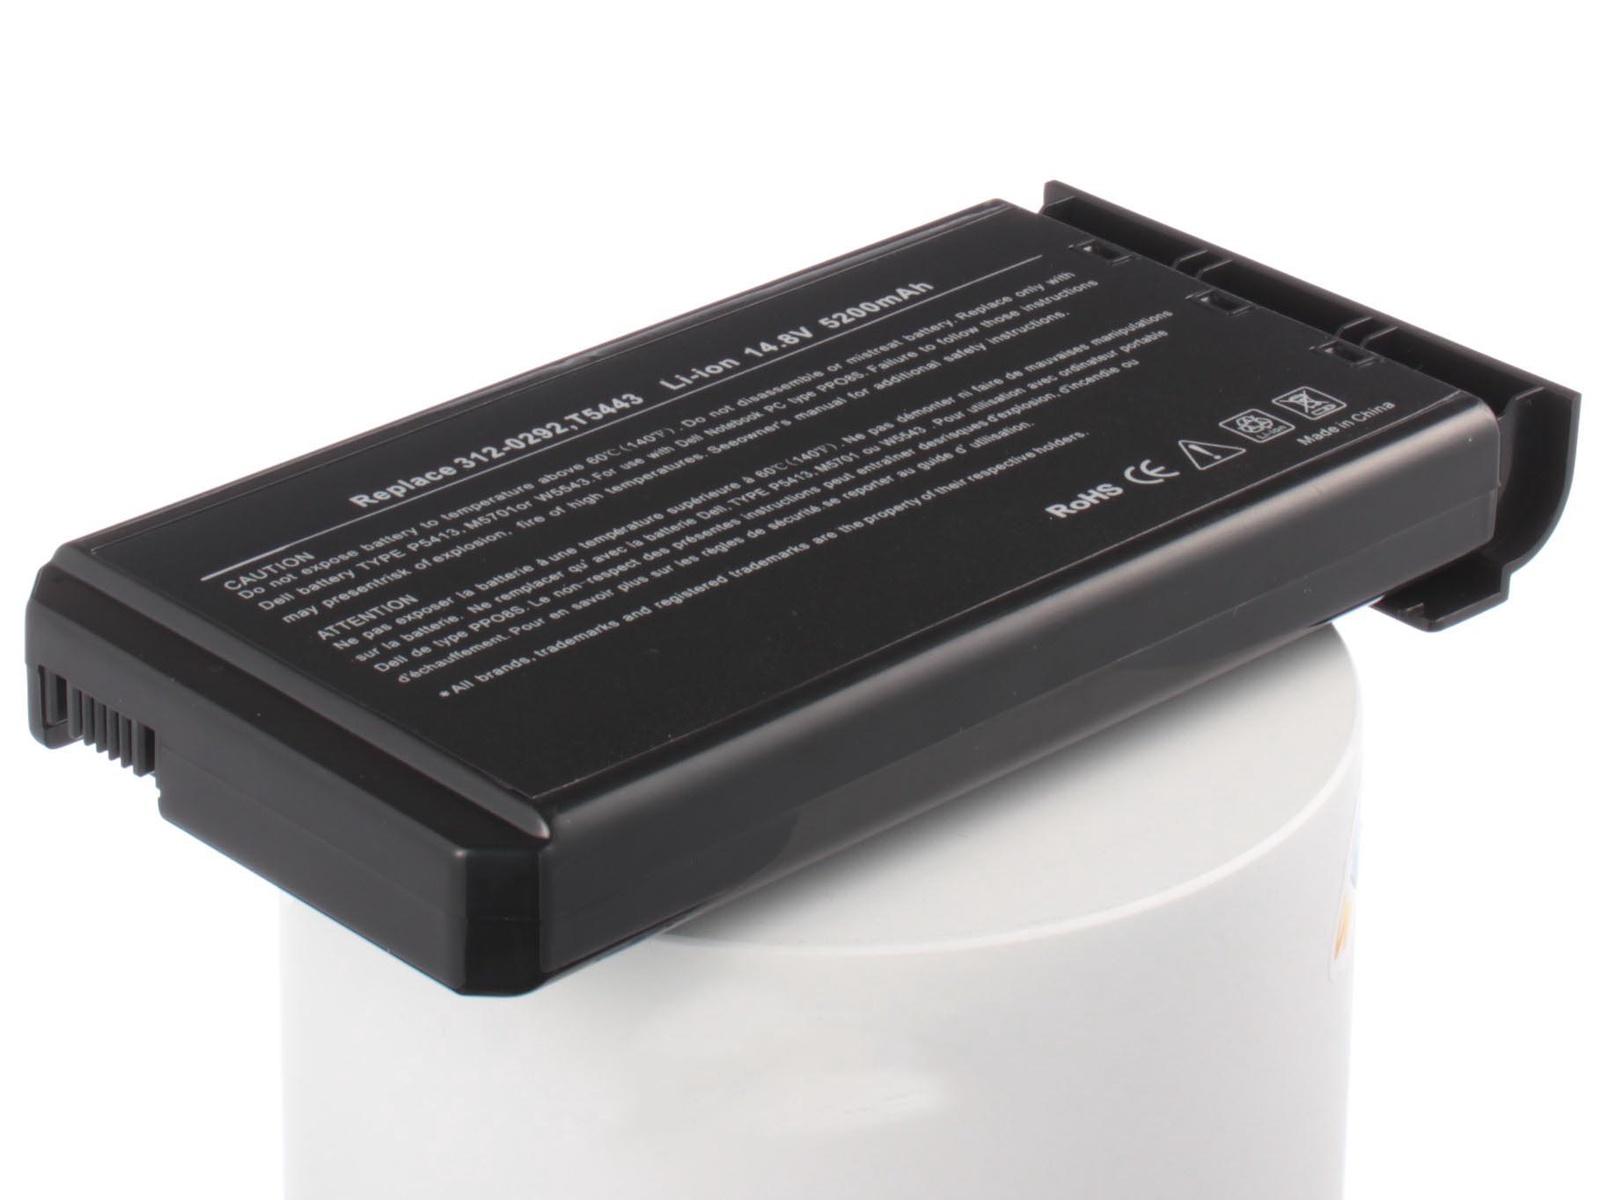 Аккумулятор для ноутбука iBatt Benq, Dell, Fujitsu-Siemens SQU-527, P5413, T5179, W5173, T5443, OP-570-76620, OP-570-76620-01 origianl clevo 6 87 n350s 4d7 6 87 n350s 4d8 n350bat 6 n350bat 9 laptop battery